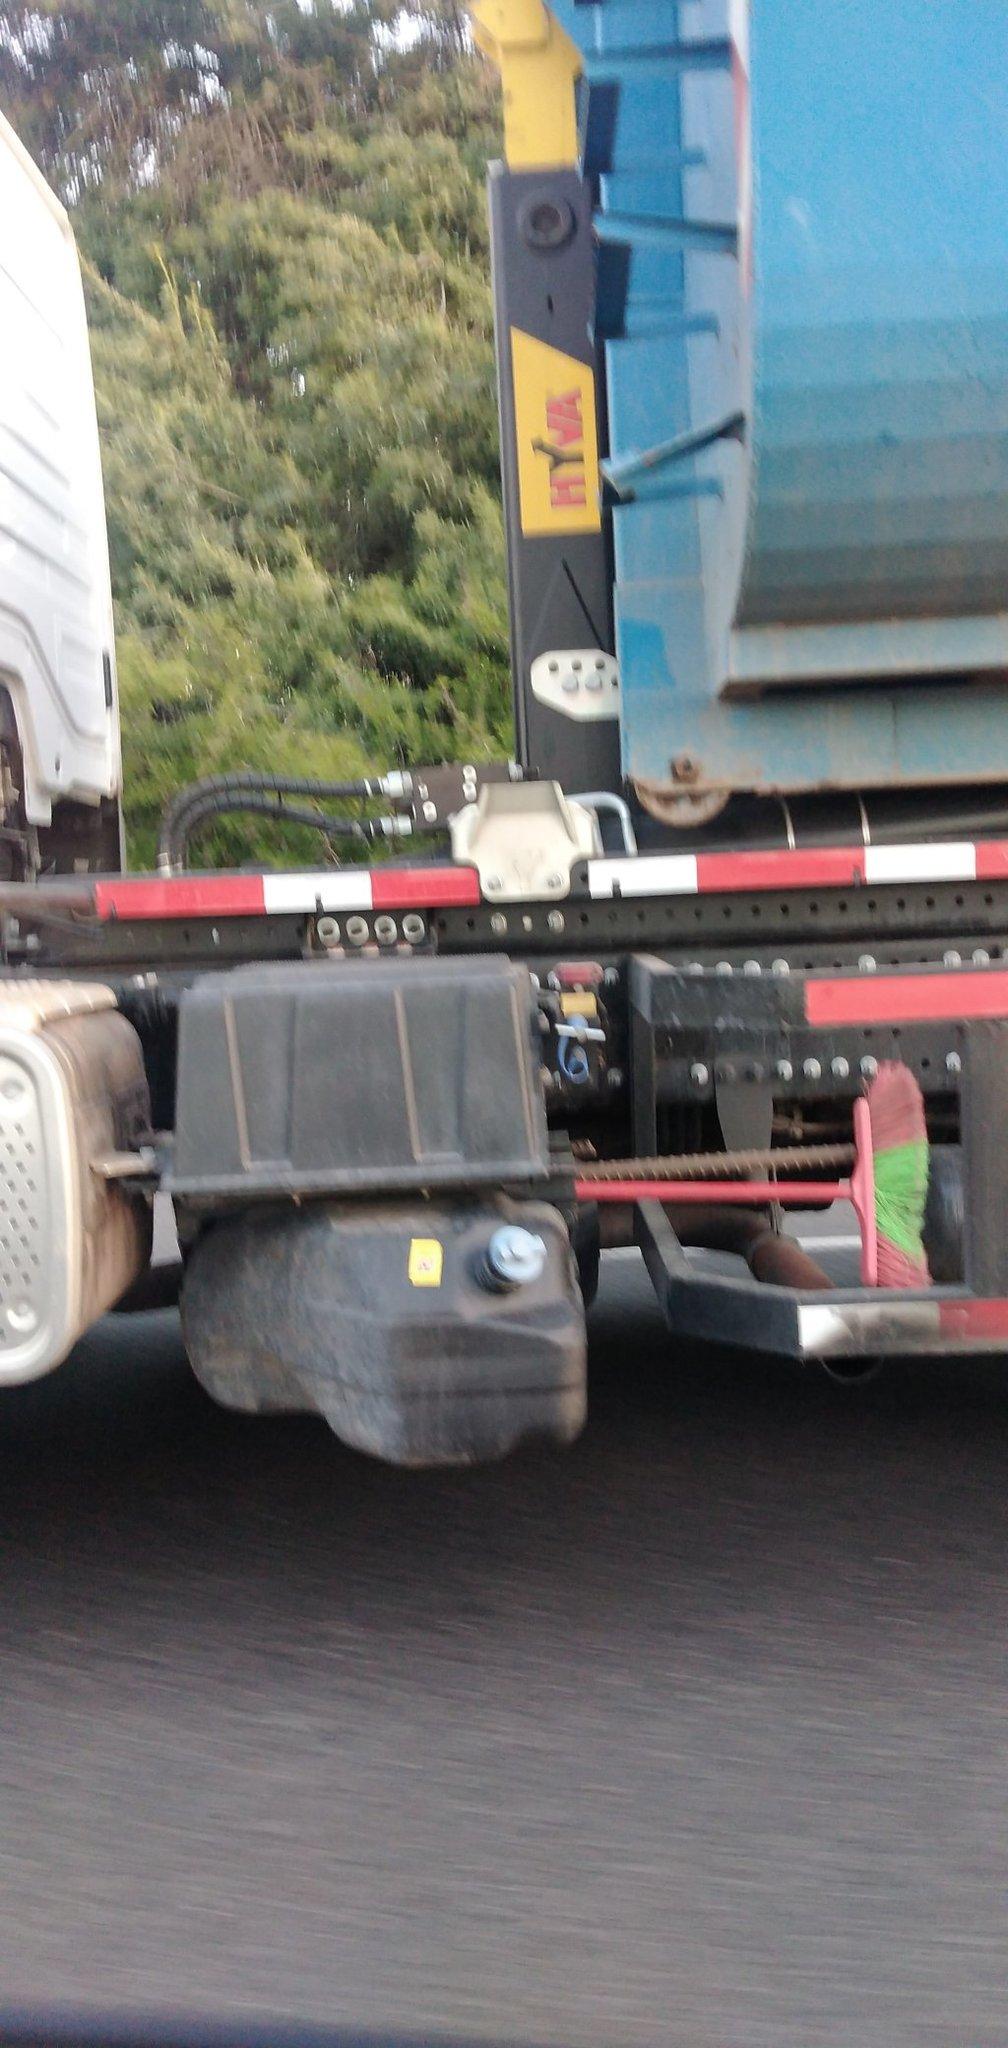 La escoba es el soporte del camión - meme